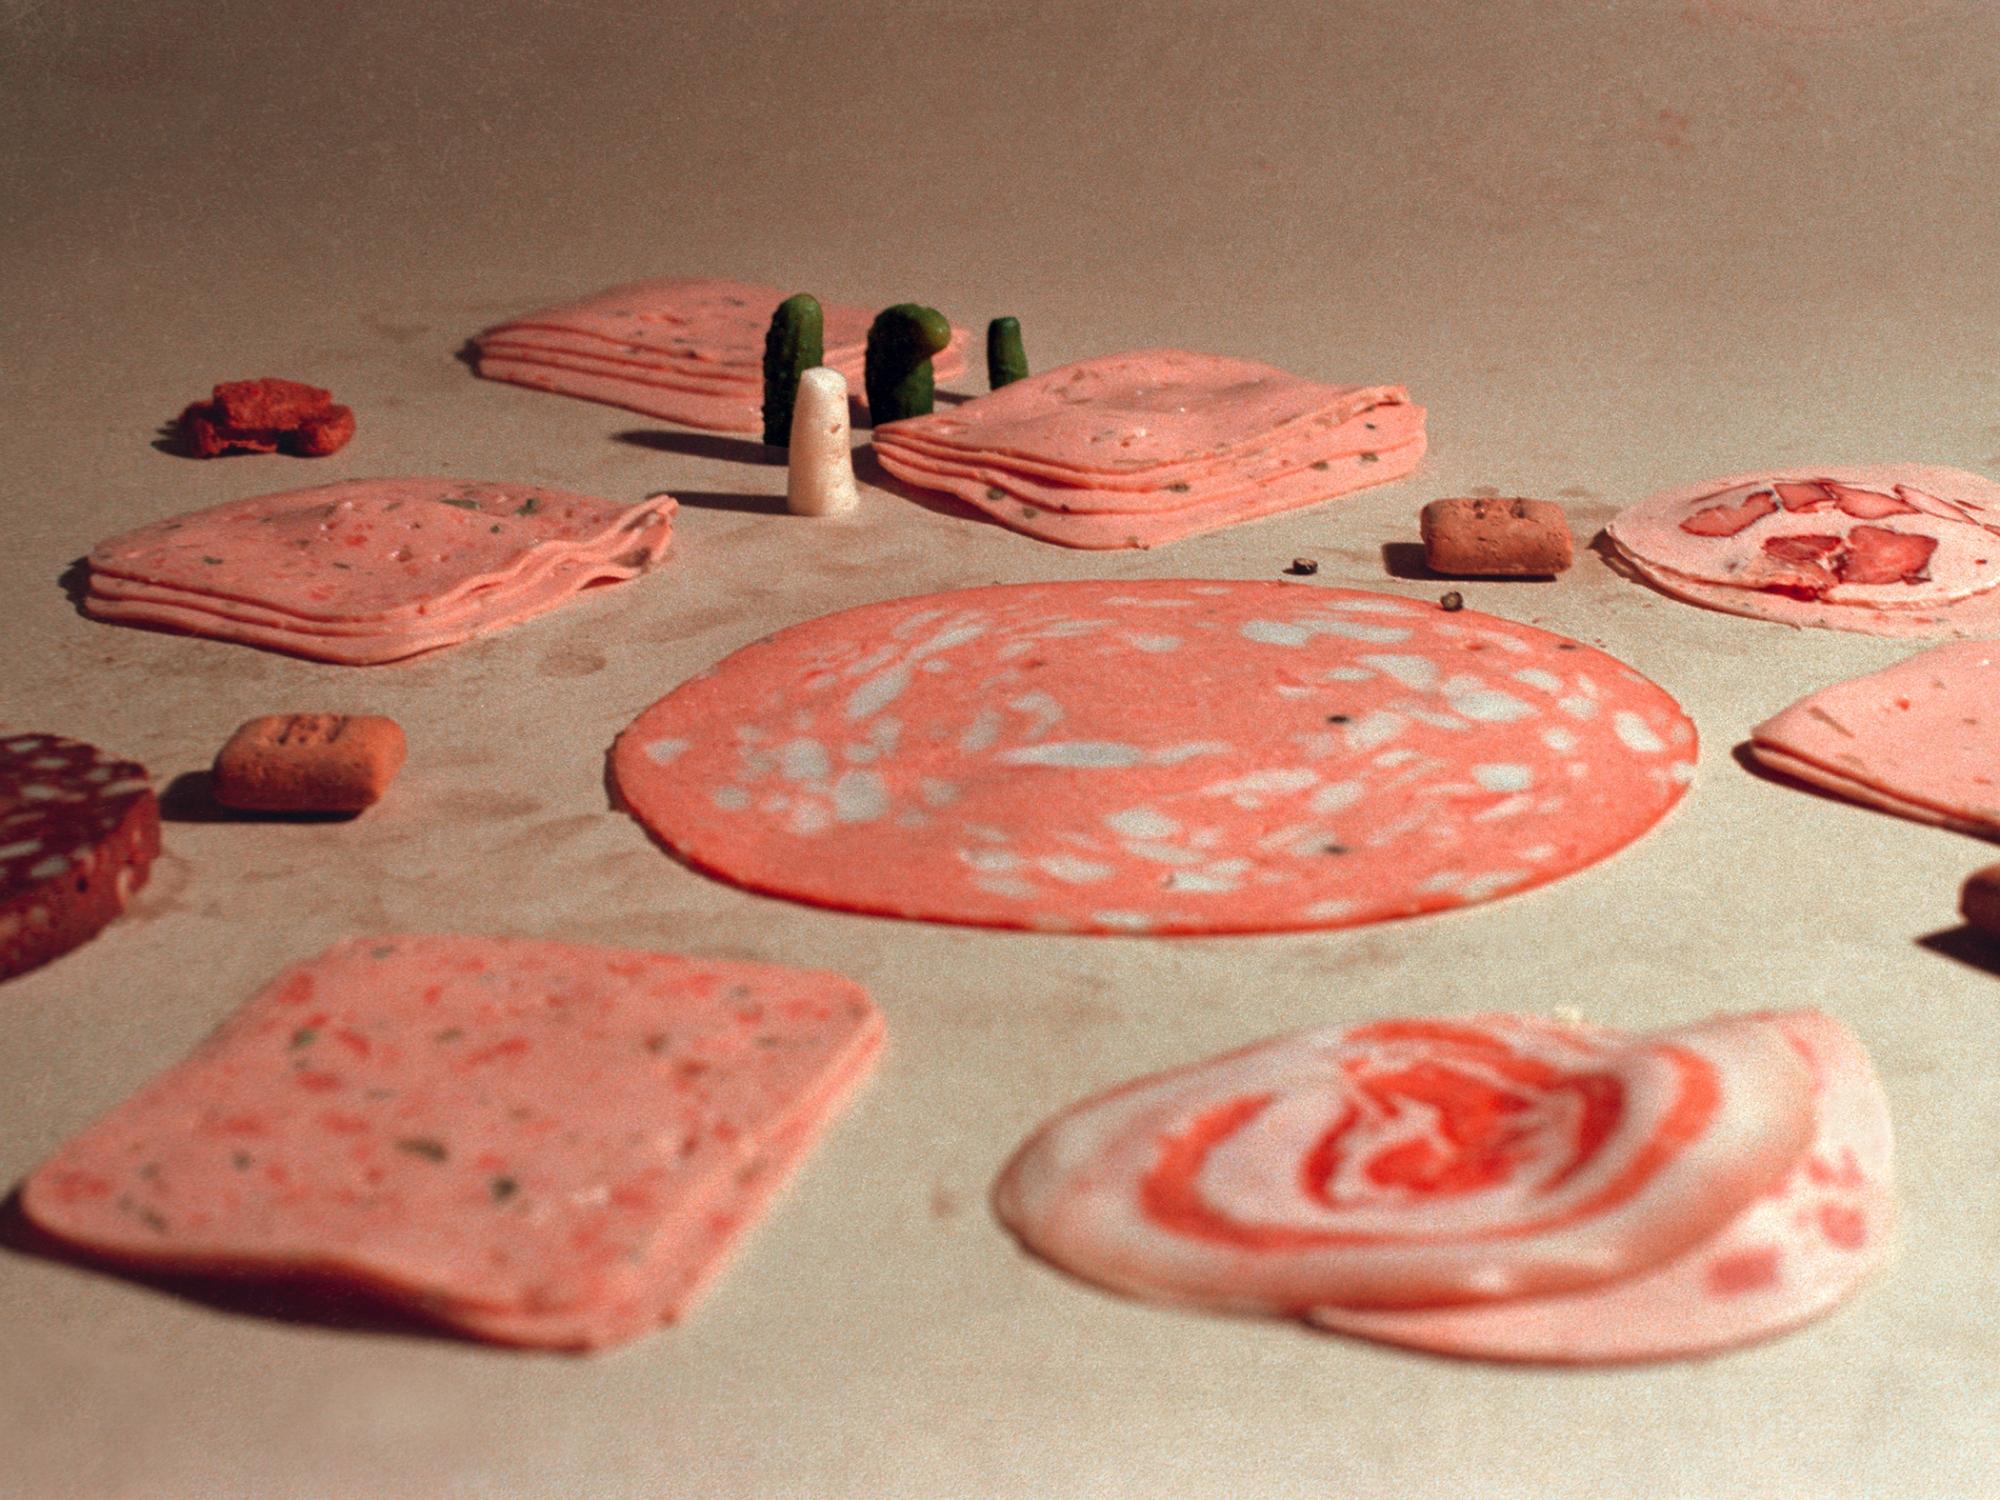 Wurst_06Fischli-Weiss,Nel negozio di tappeti,dalla serieFotografie di salsicce1979